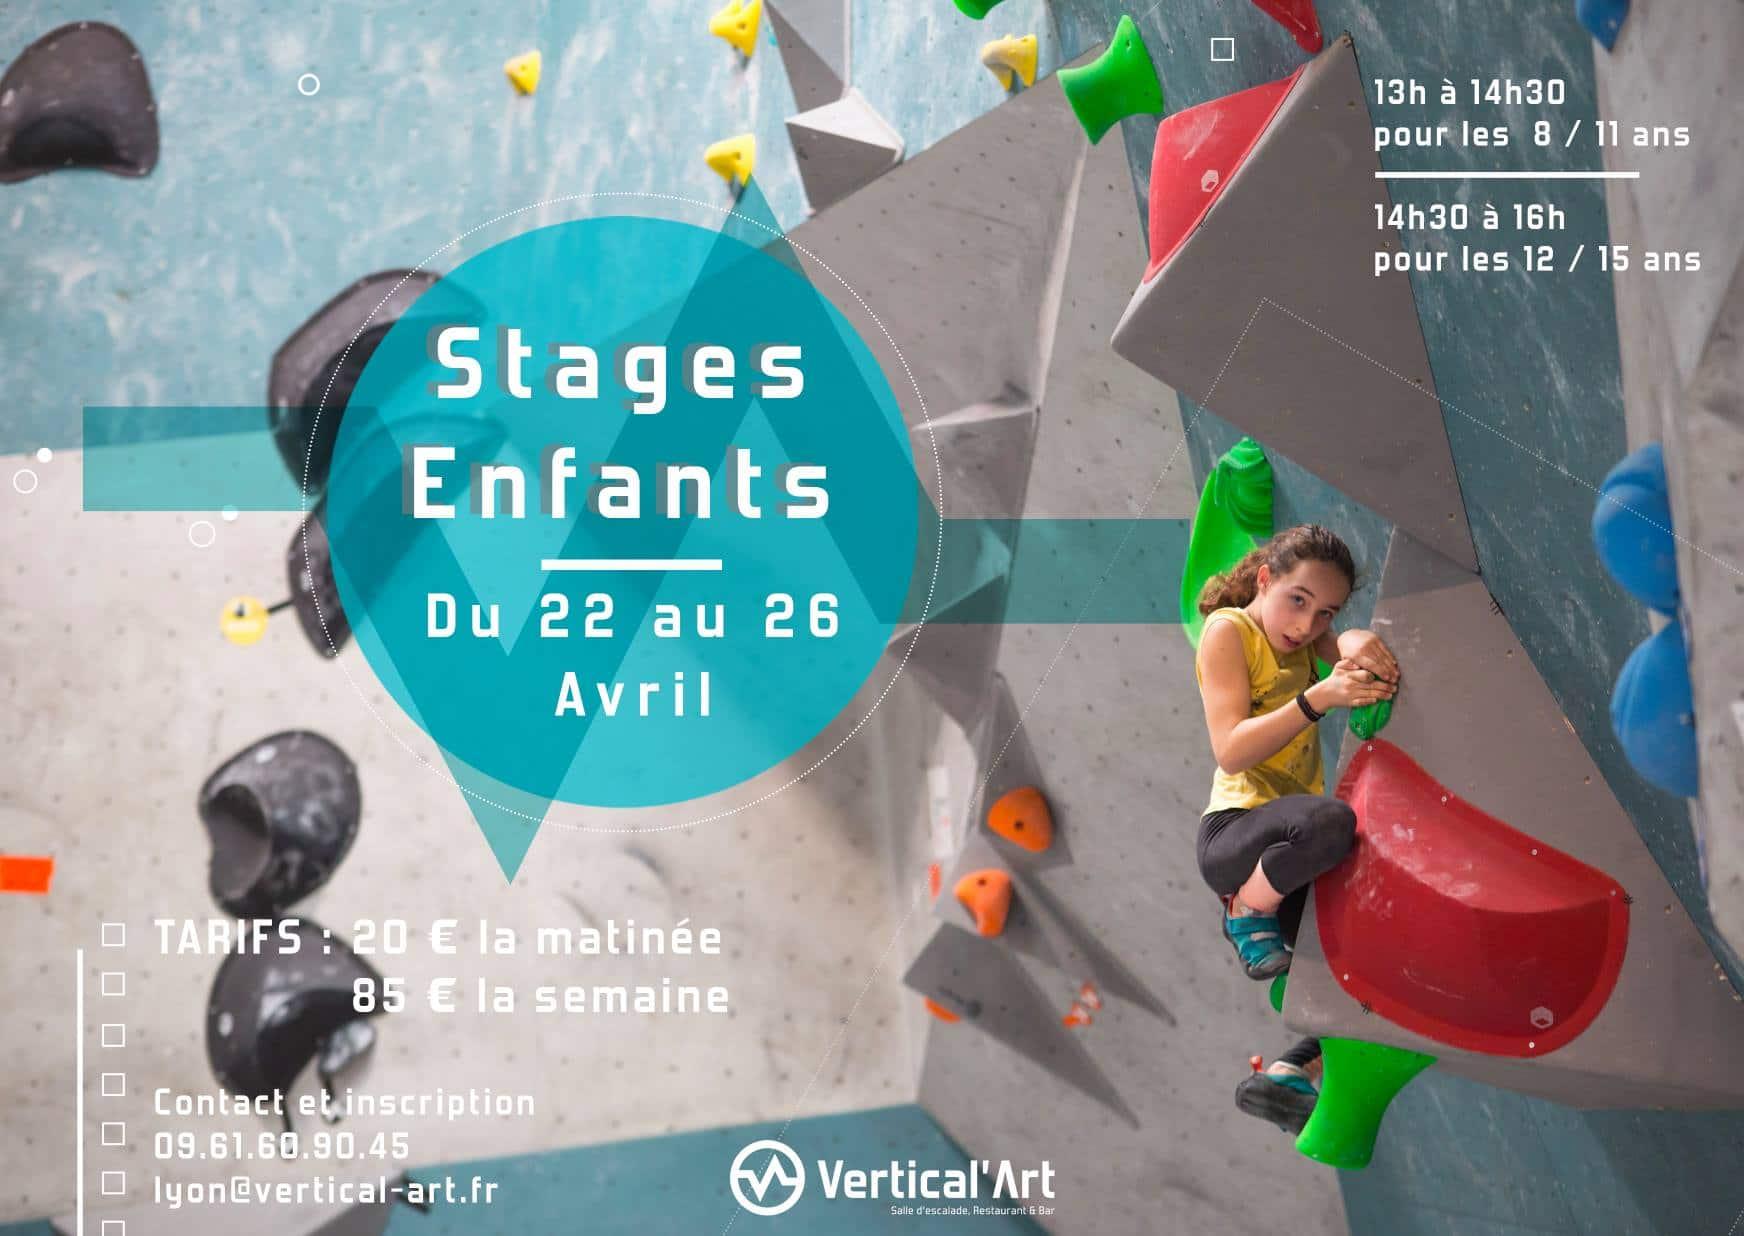 Stage d'escalade Vertical'art- Stage Vertical'art Lyon - Vacances d'hiver - Fevrier - Sport à proximité de Lyon - Escalade stage à Lyon pour enfants